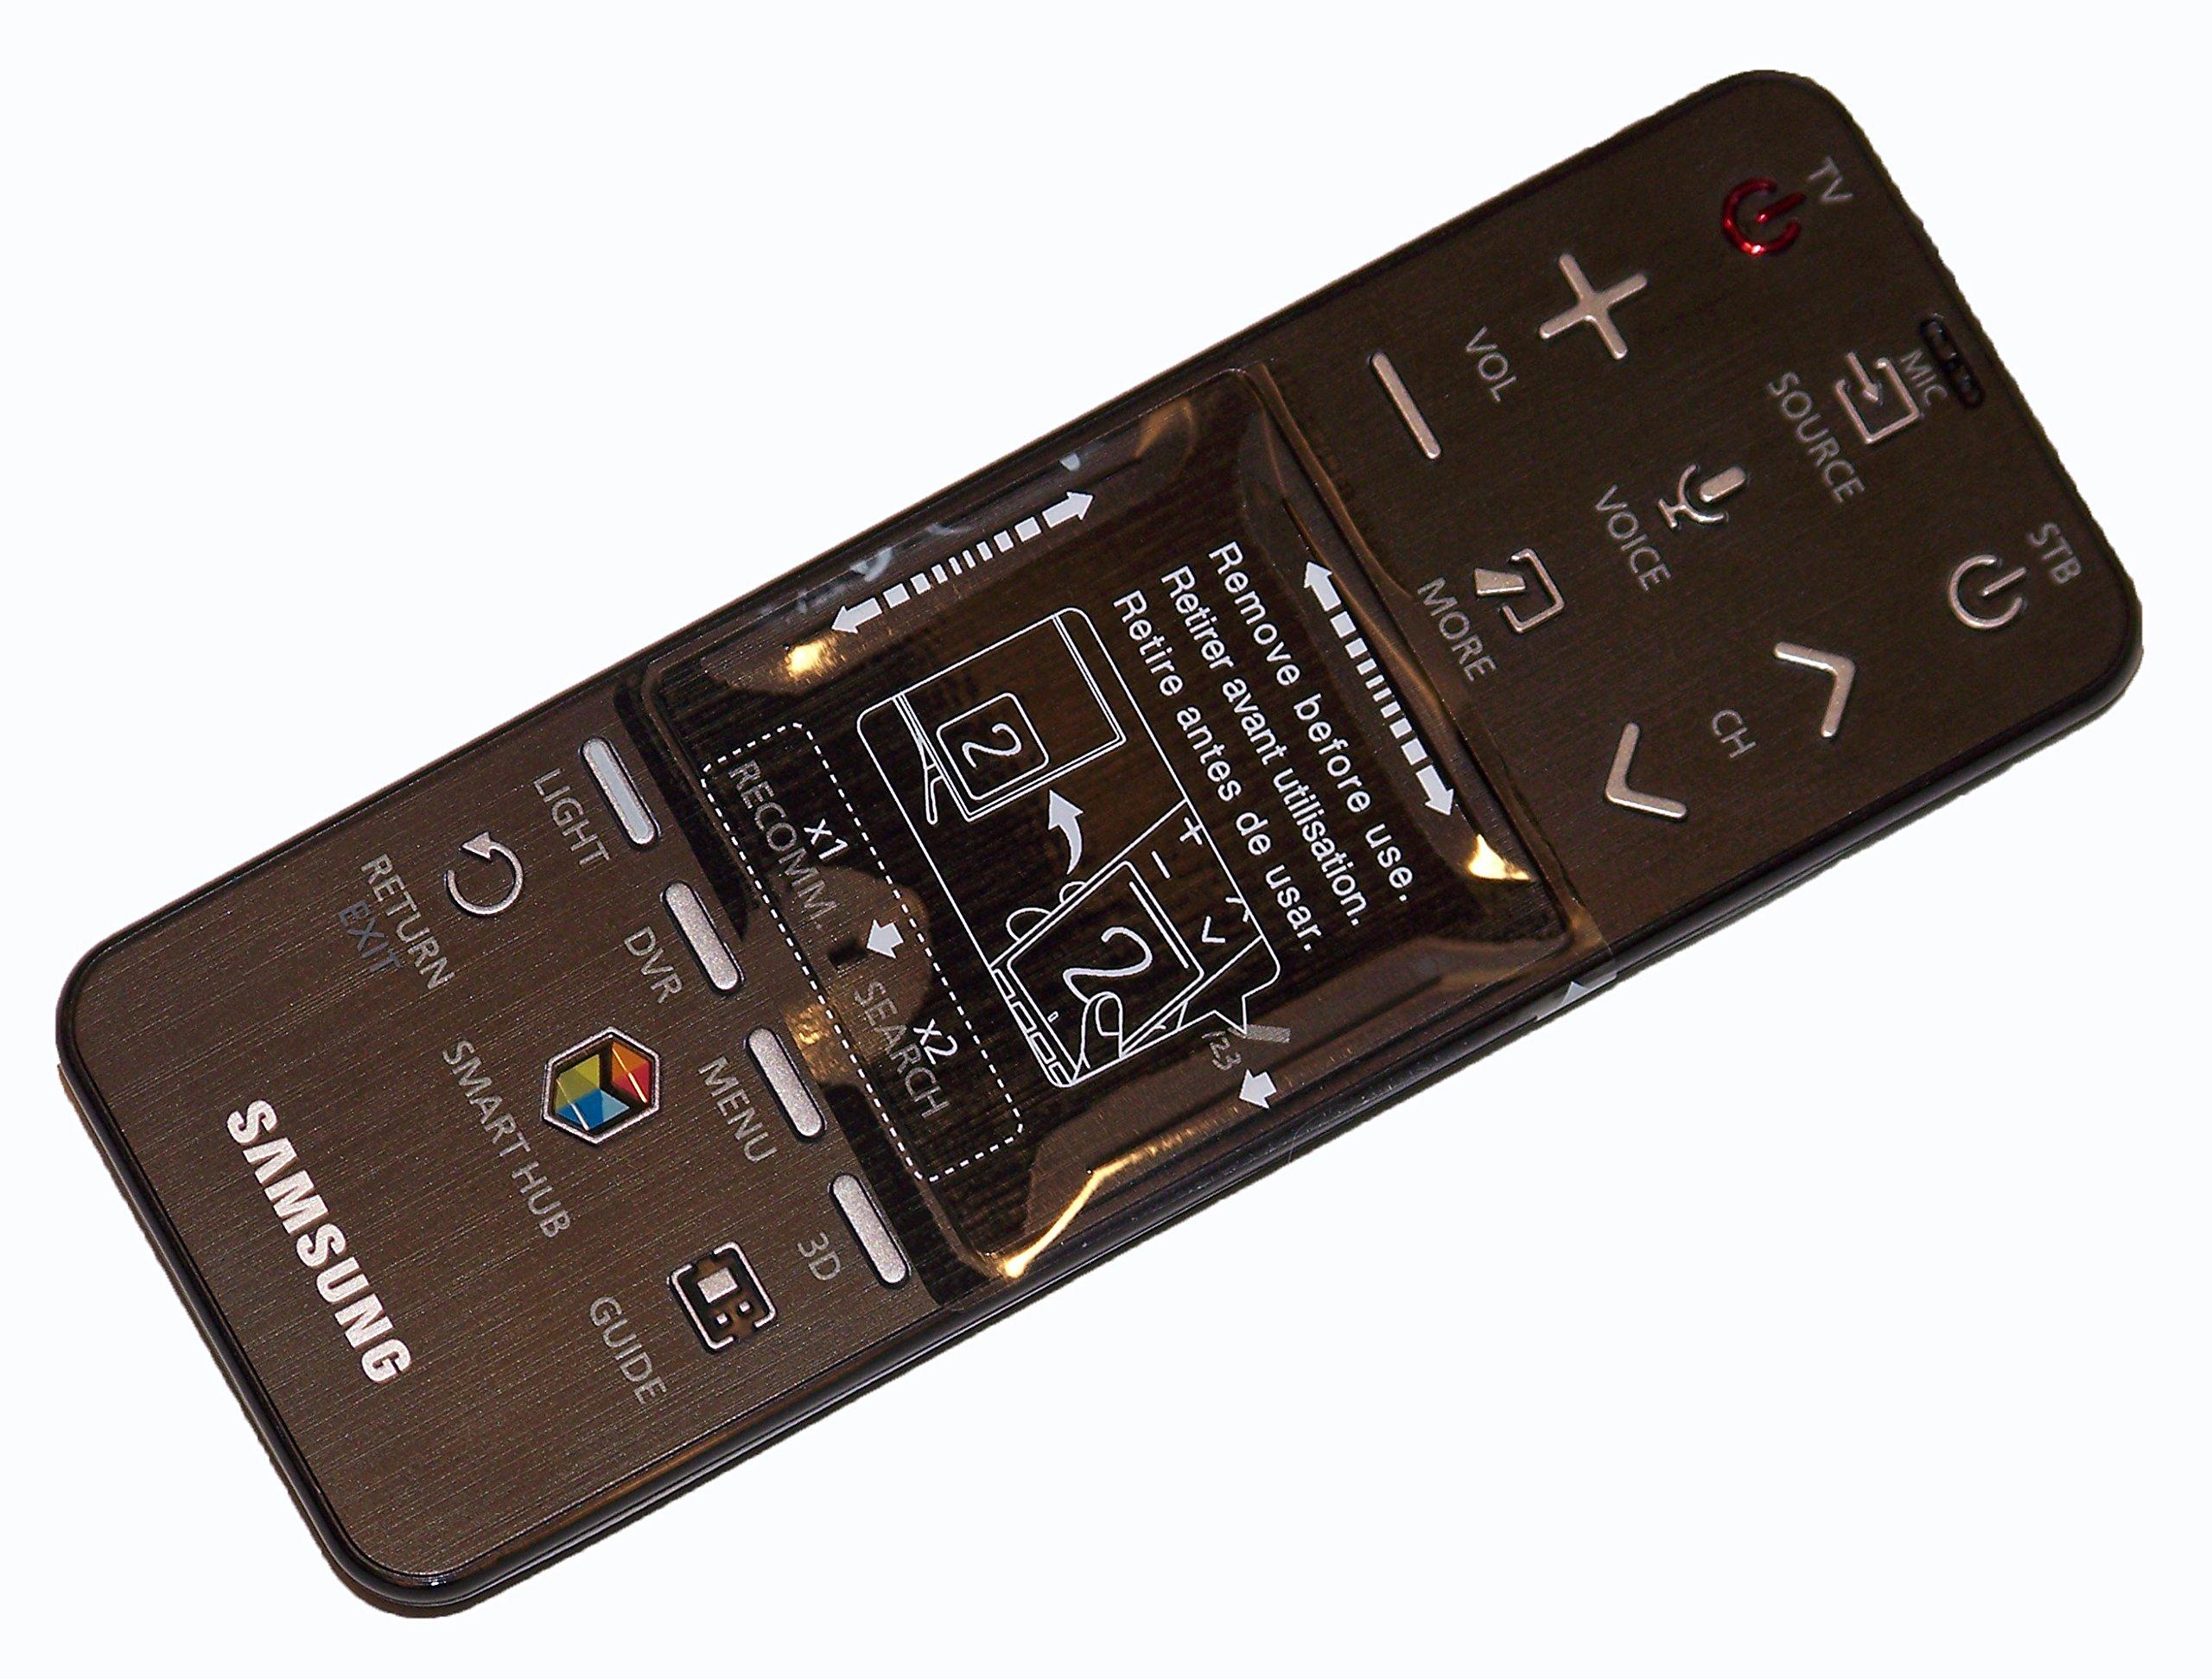 OEM Samsung Remote Control: UN60F7100, UN60F7100A, UN60F7100AFXZA, UN60F7100AFXZAHH01, UN60F7450, UN60F7450AFXZA